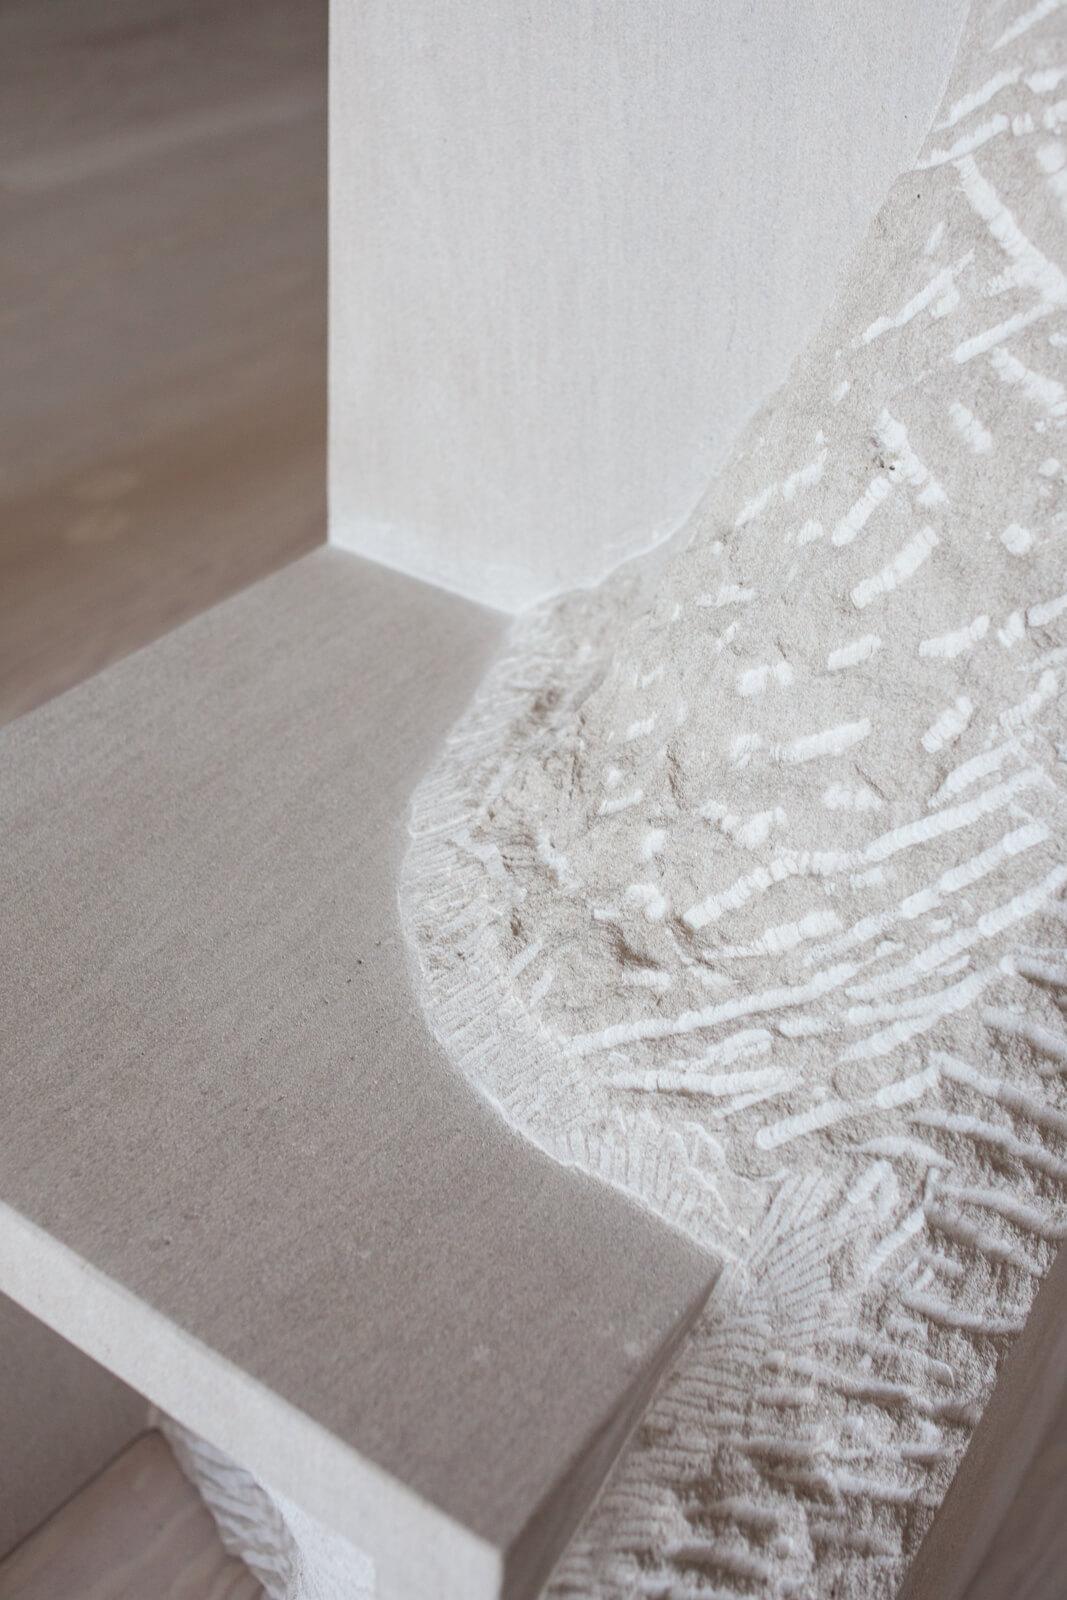 brian-richer-castor-mjolk-exhibition-2018-11